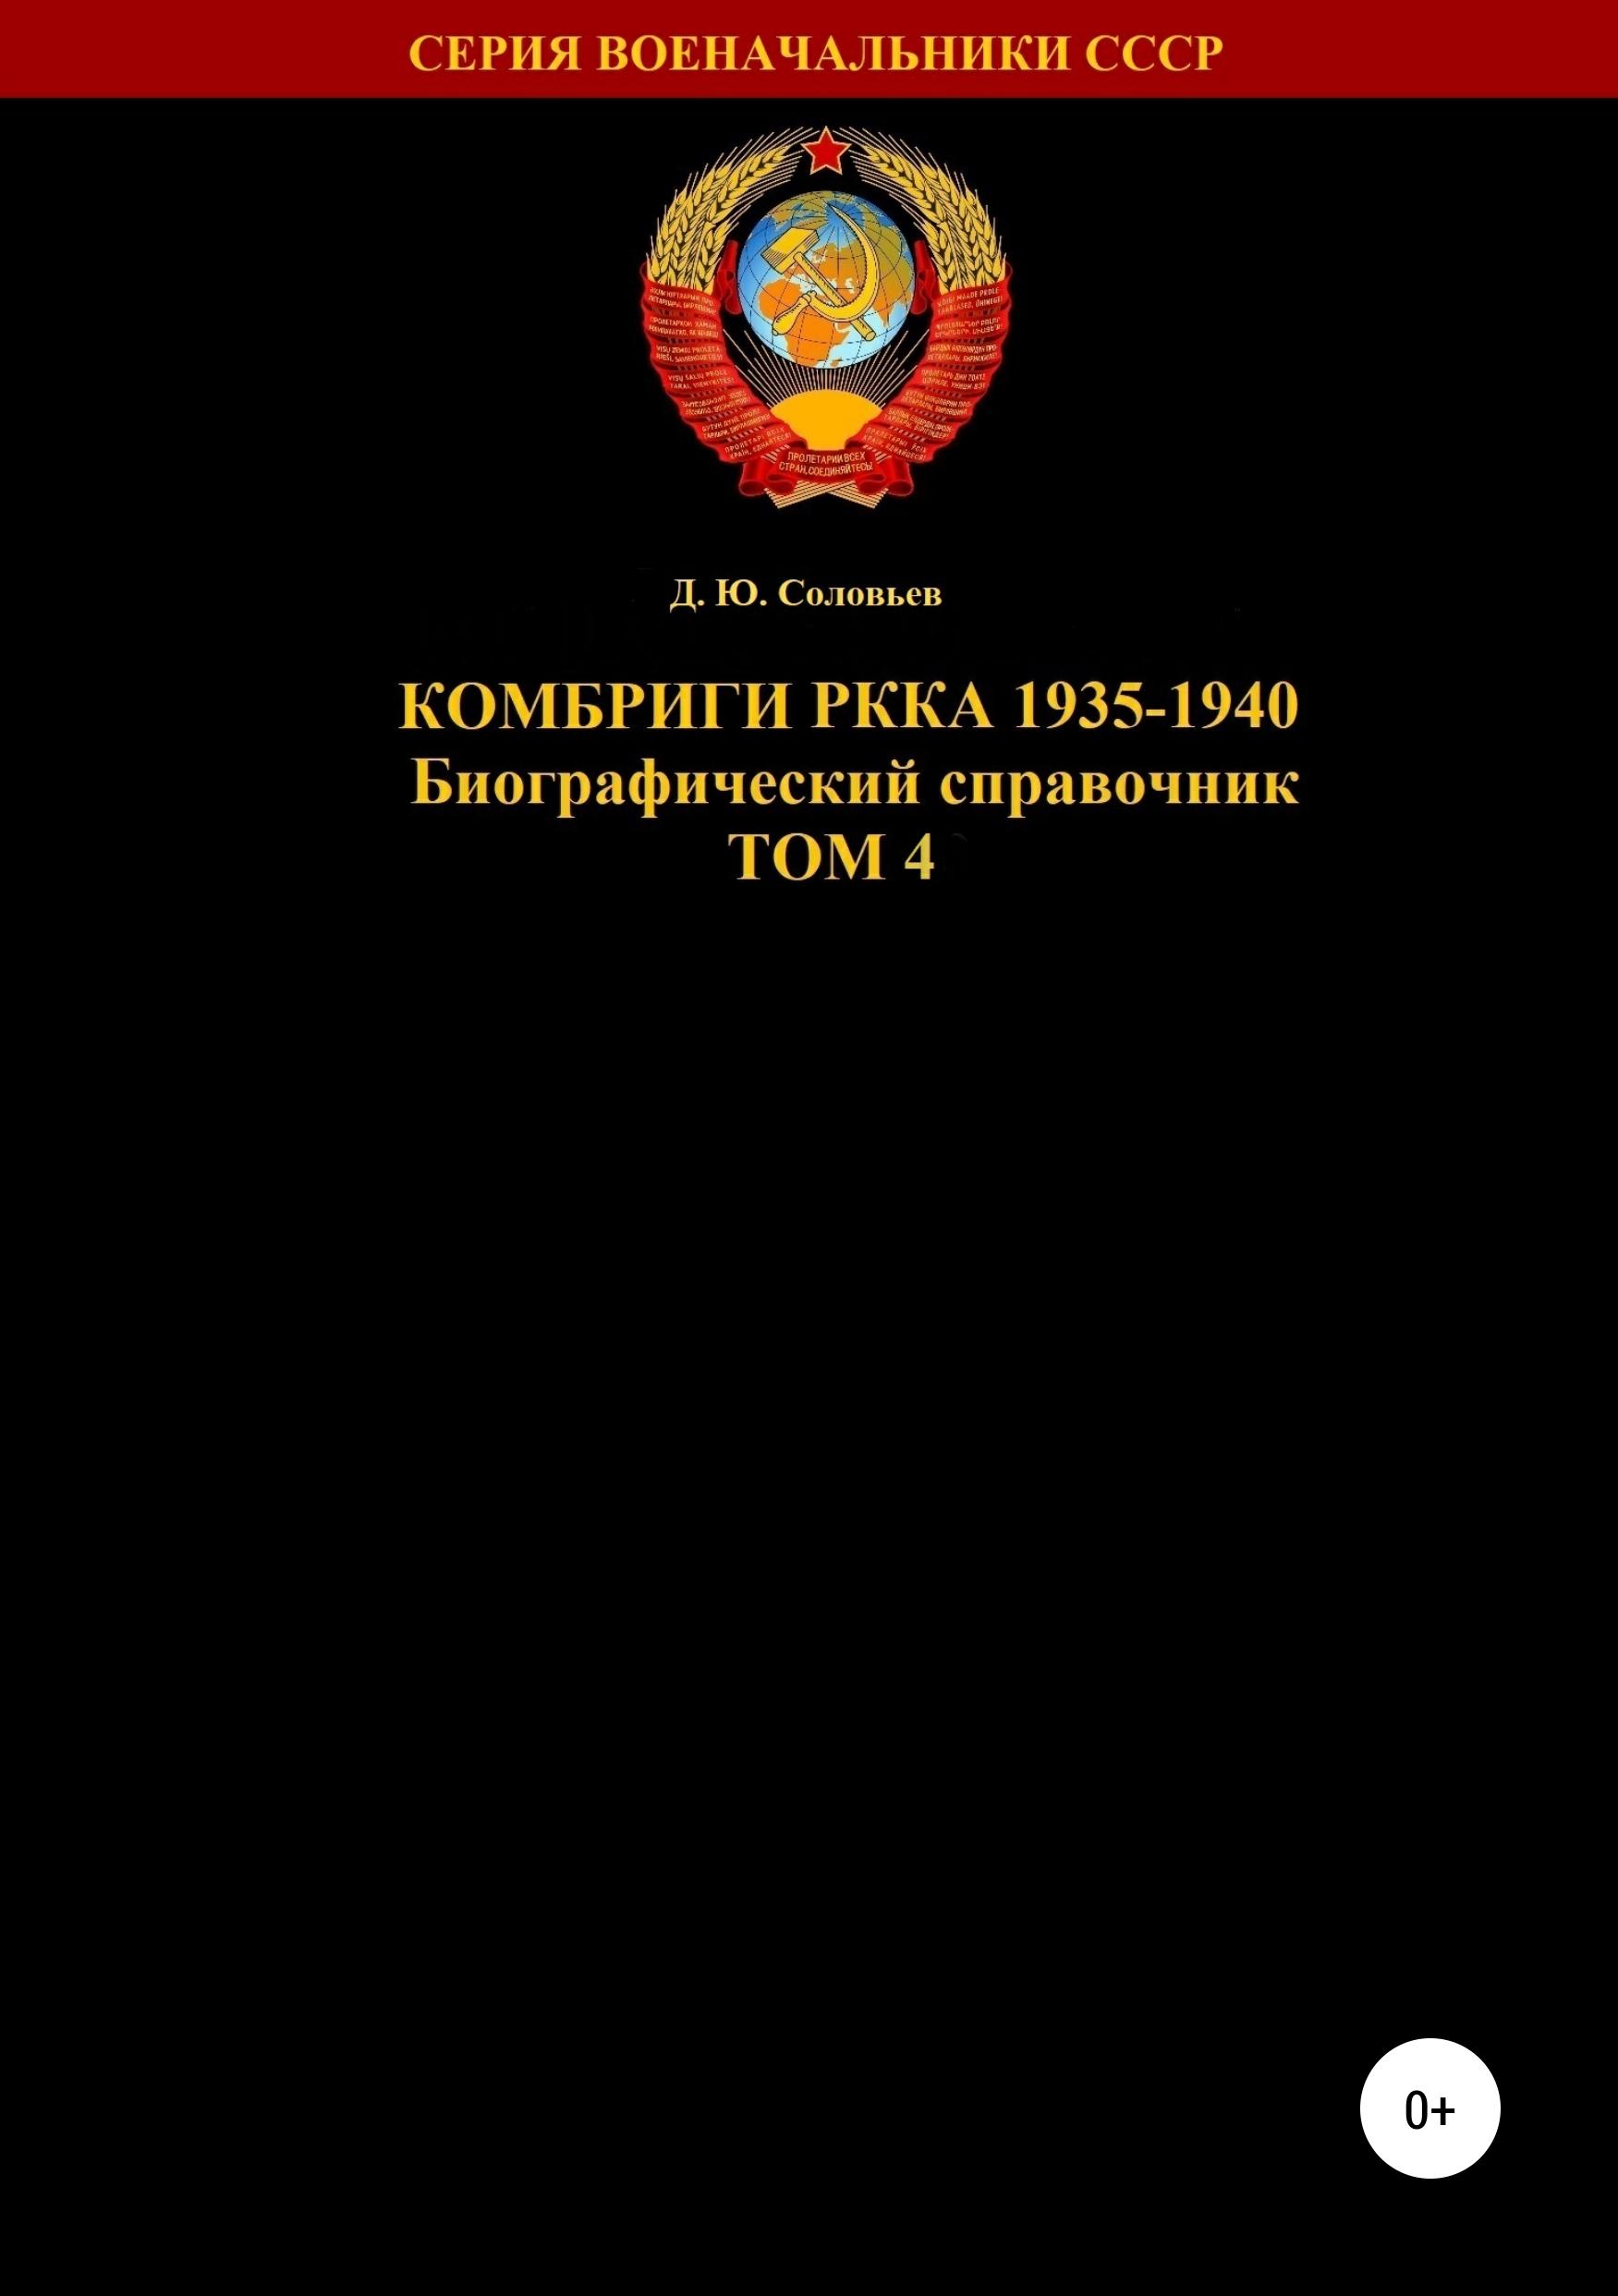 Комбриги РККА 1935-1940. Том 4